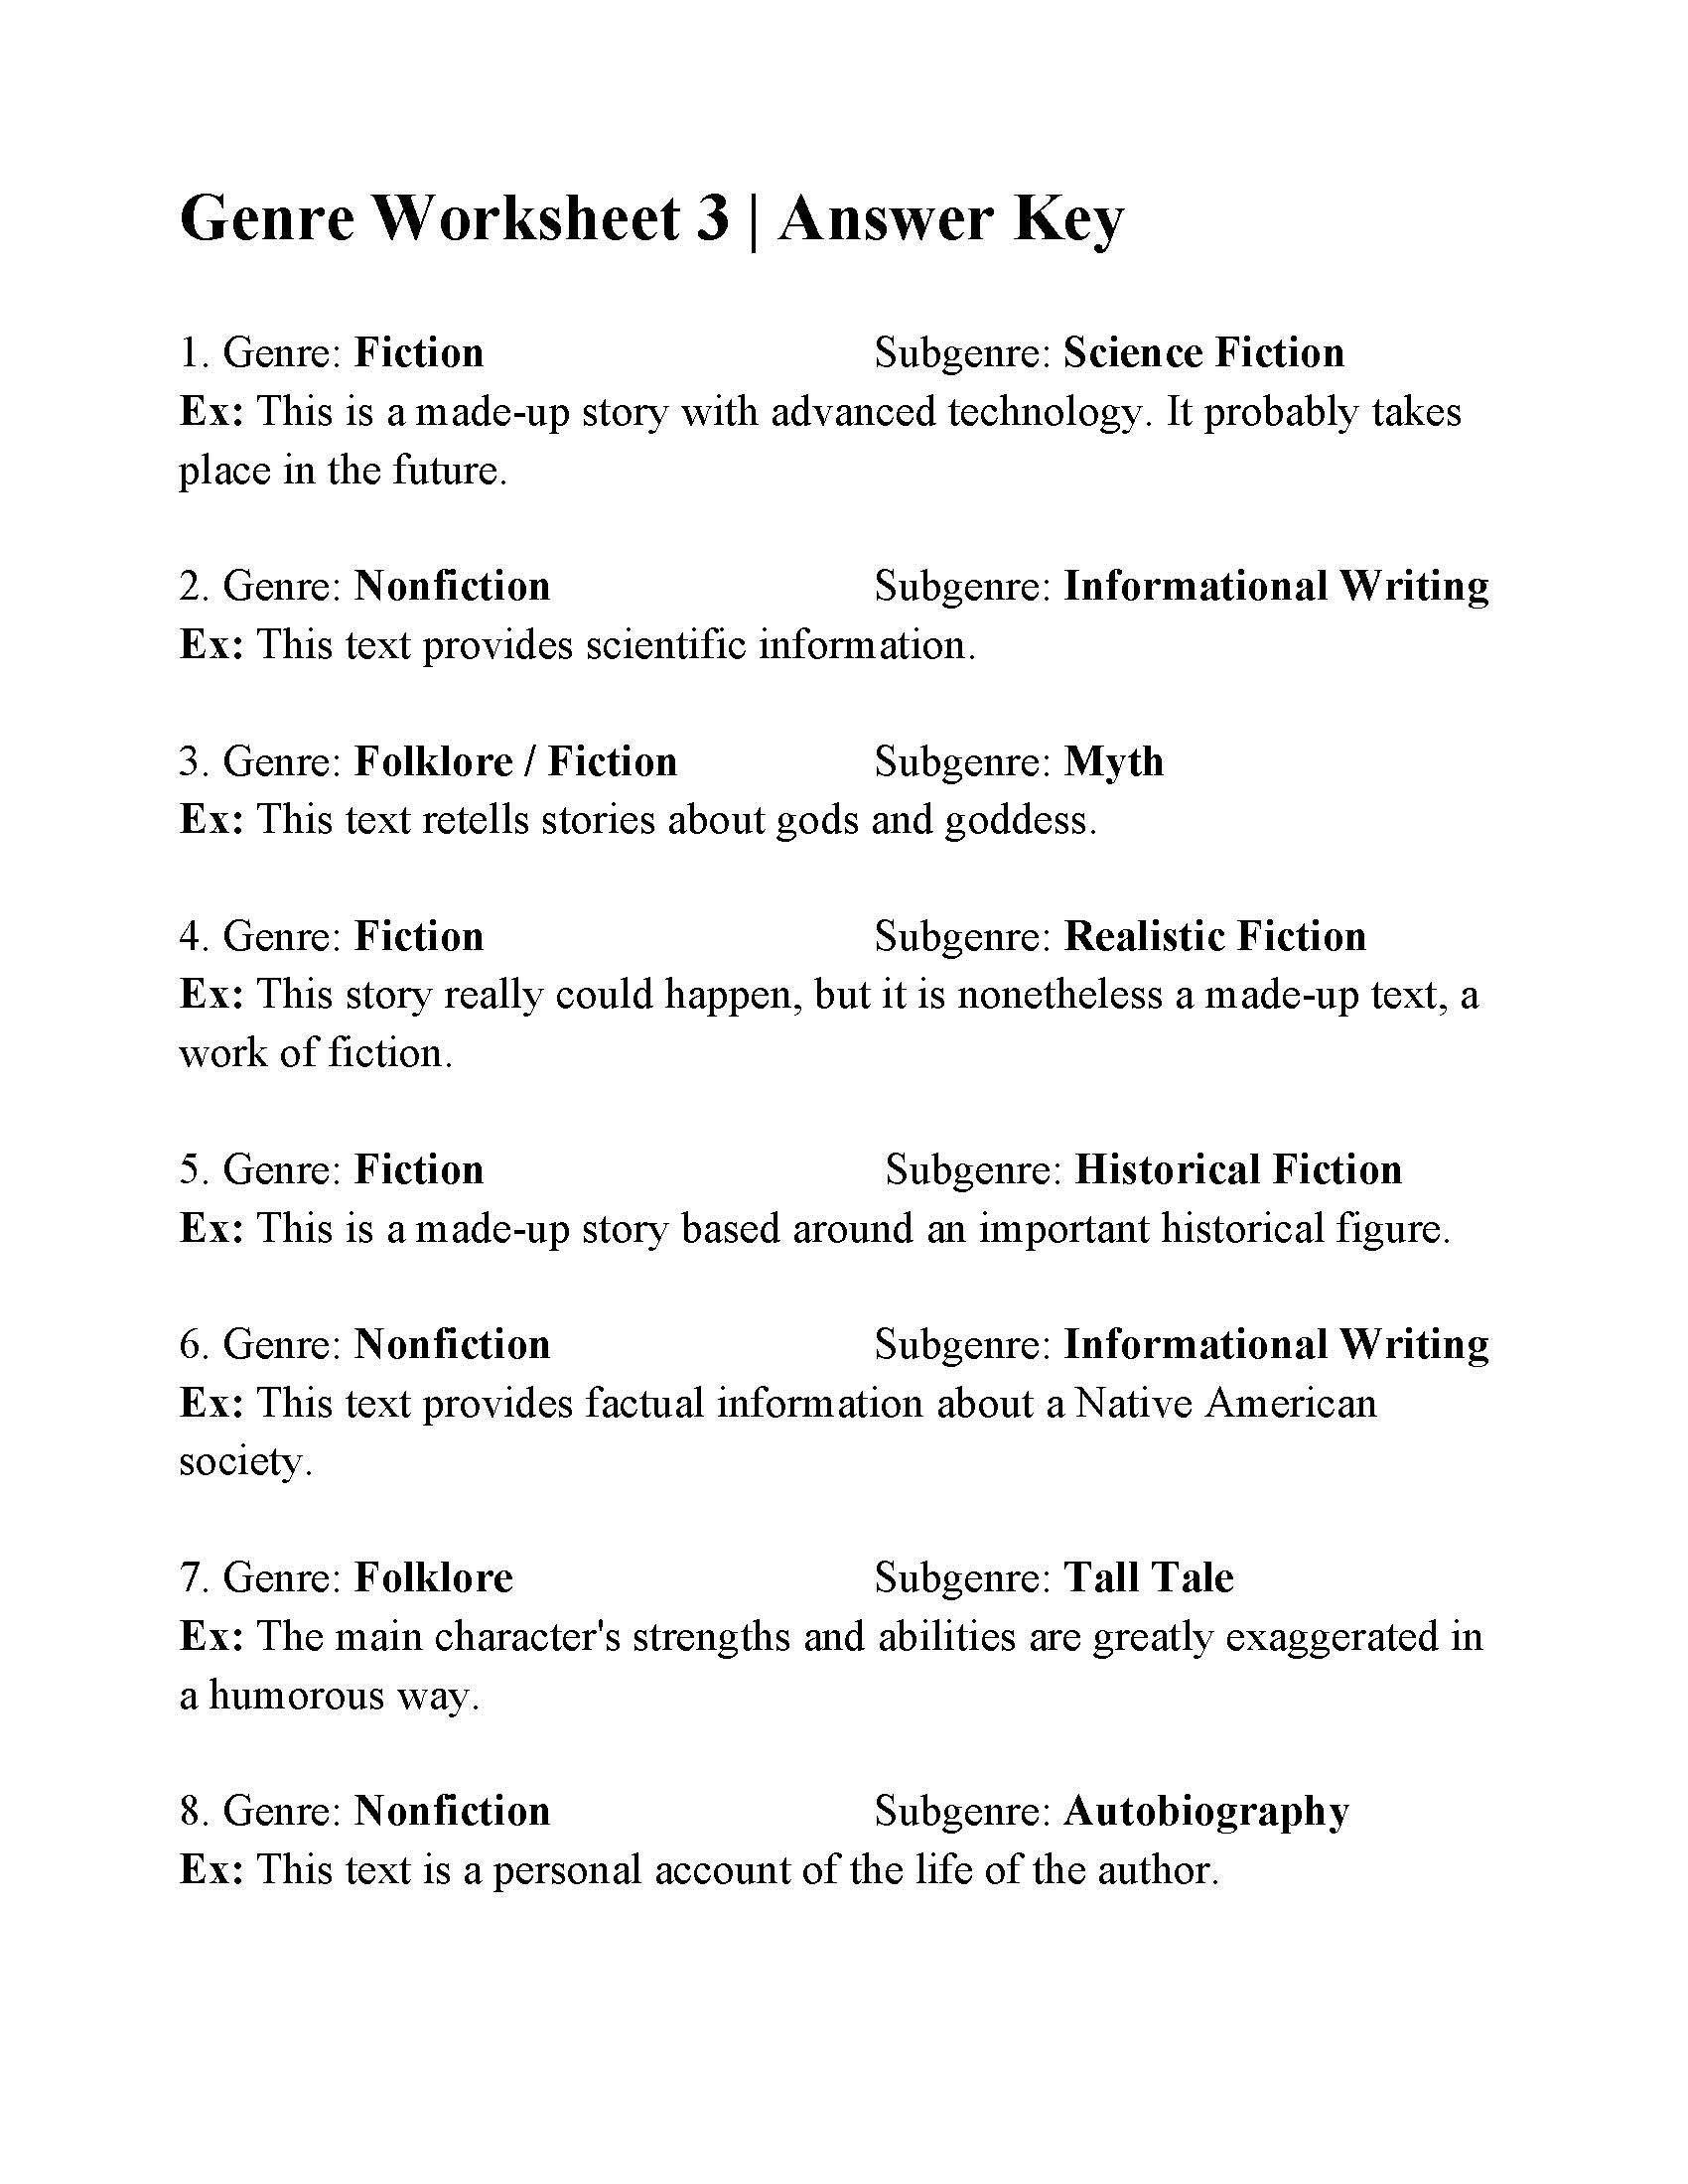 Genre Worksheets 5th Grade Genre and Subgenre Worksheet 6  Promotiontablecovers   Letter recognition worksheets [ 2200 x 1700 Pixel ]